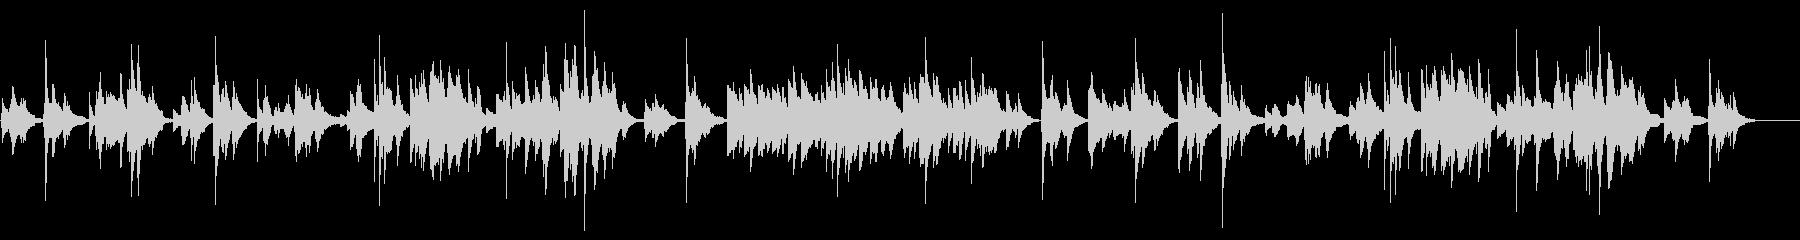 シューマン作曲「予言の鳥」ピアノソロの未再生の波形